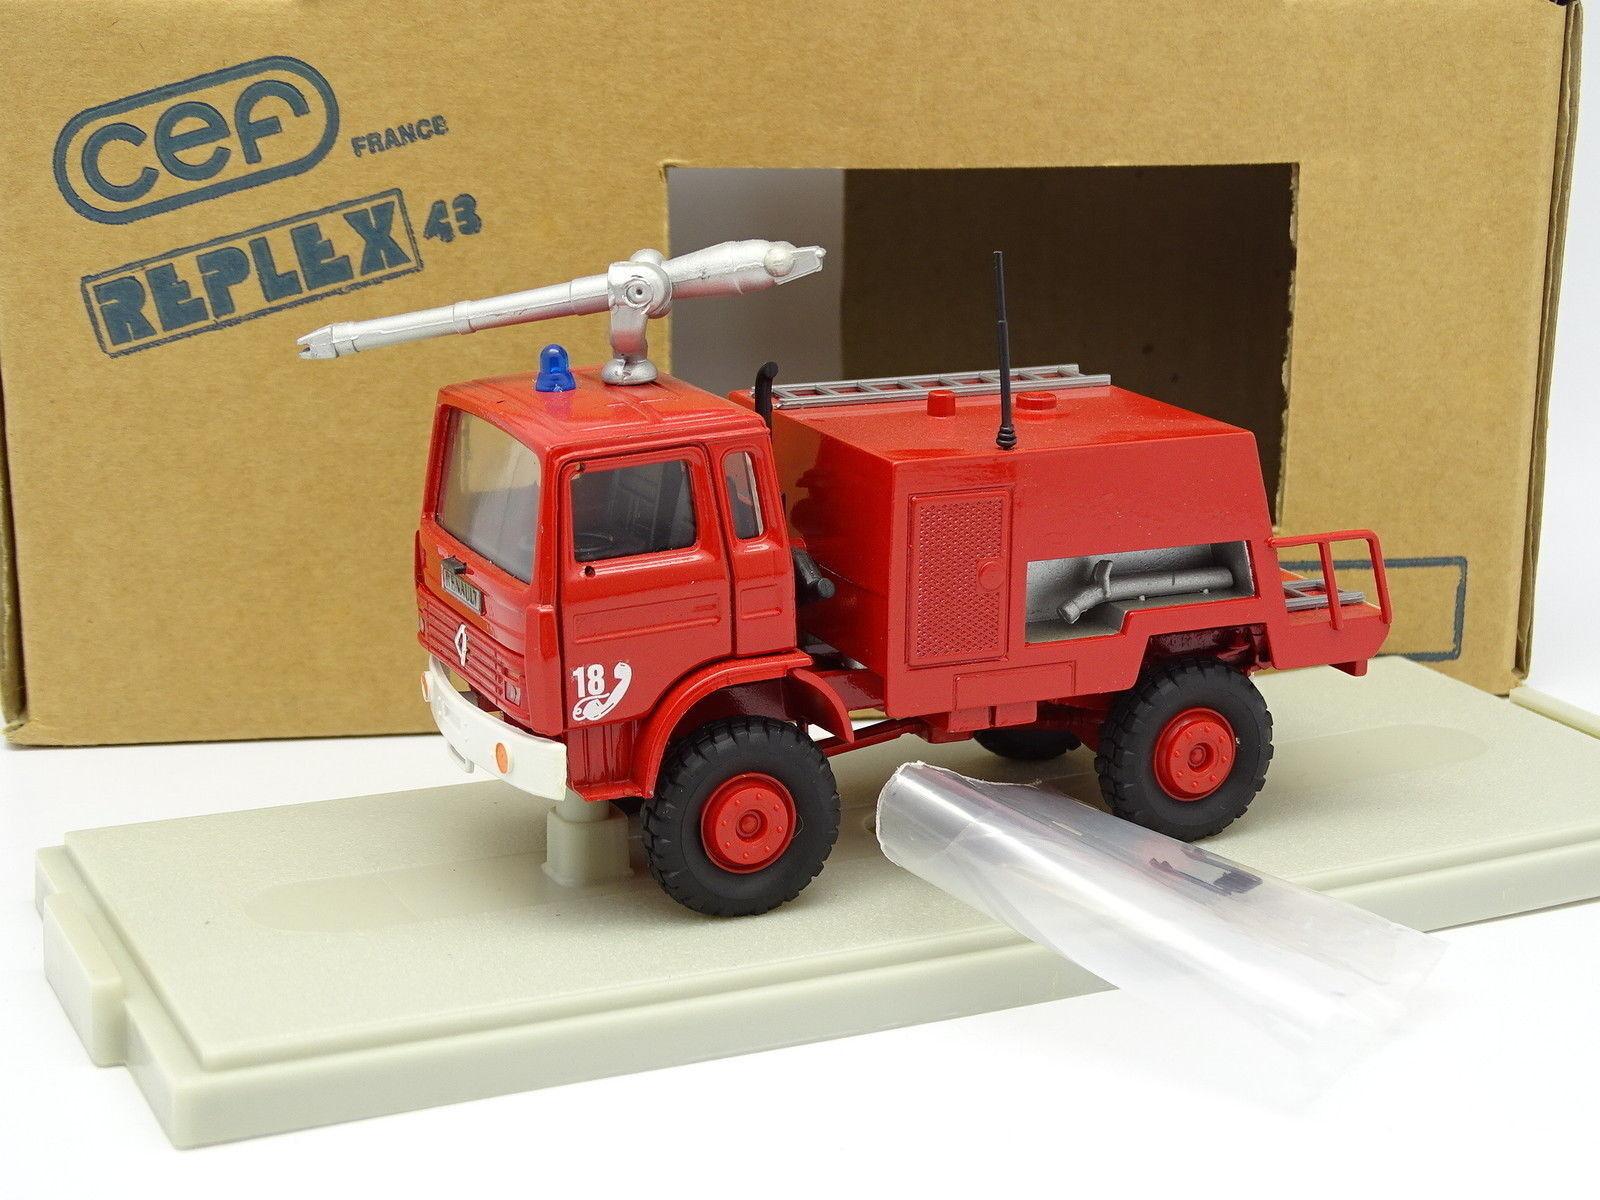 Cef replex 1   43 - renault ivr - 4x4 - trm lancia acqua vigili del fuoco